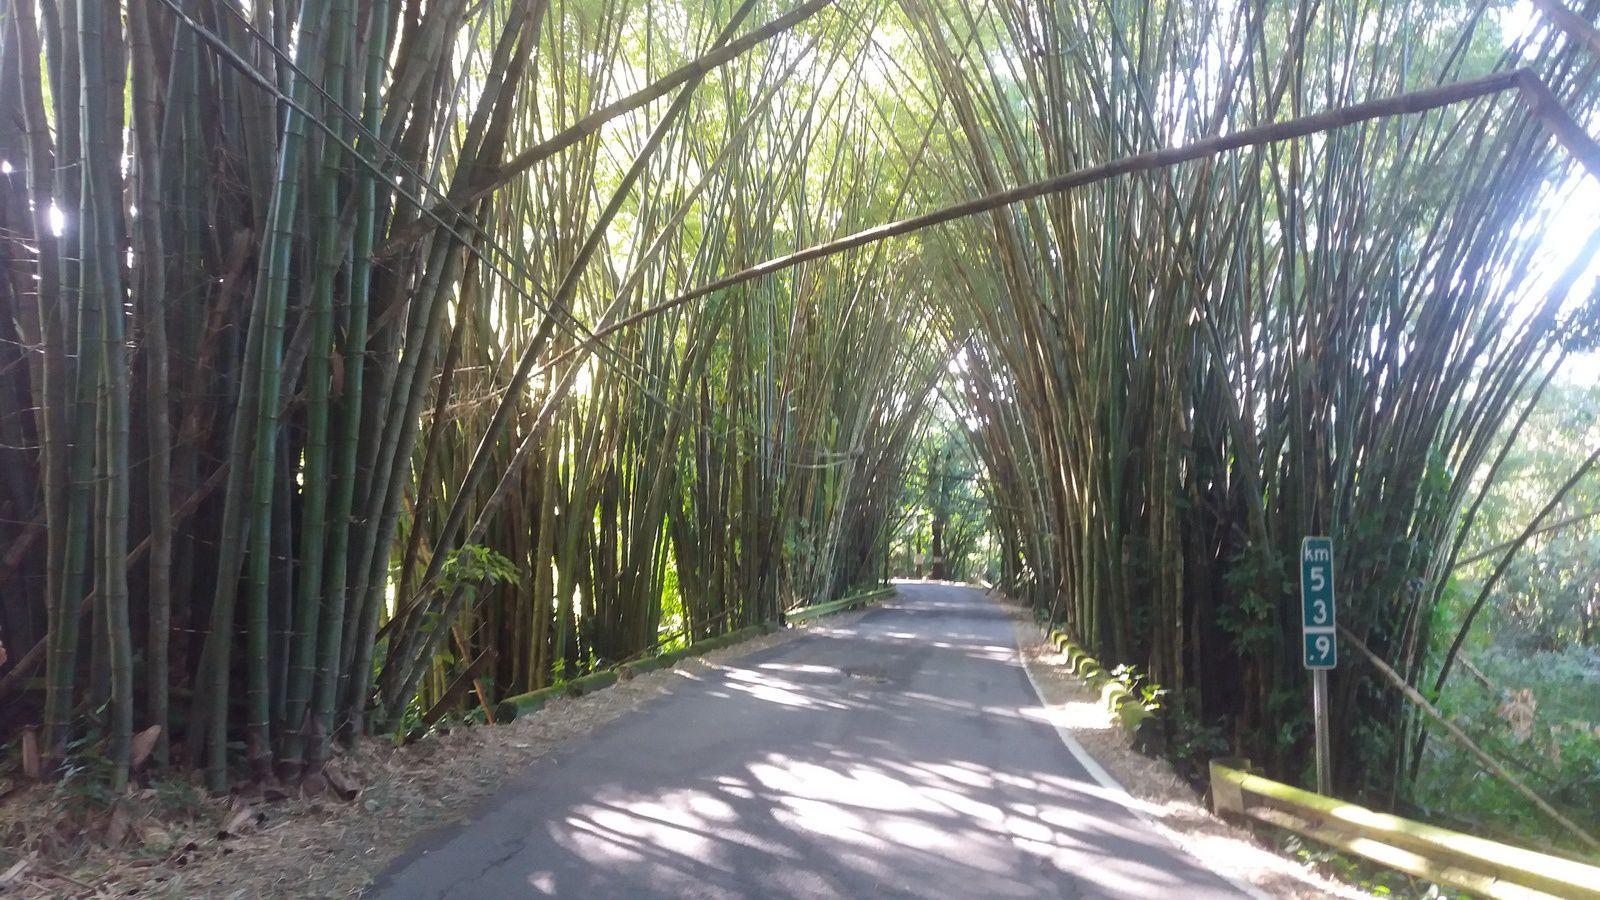 Forêt de bambous en bordure de route à Puerto Rico